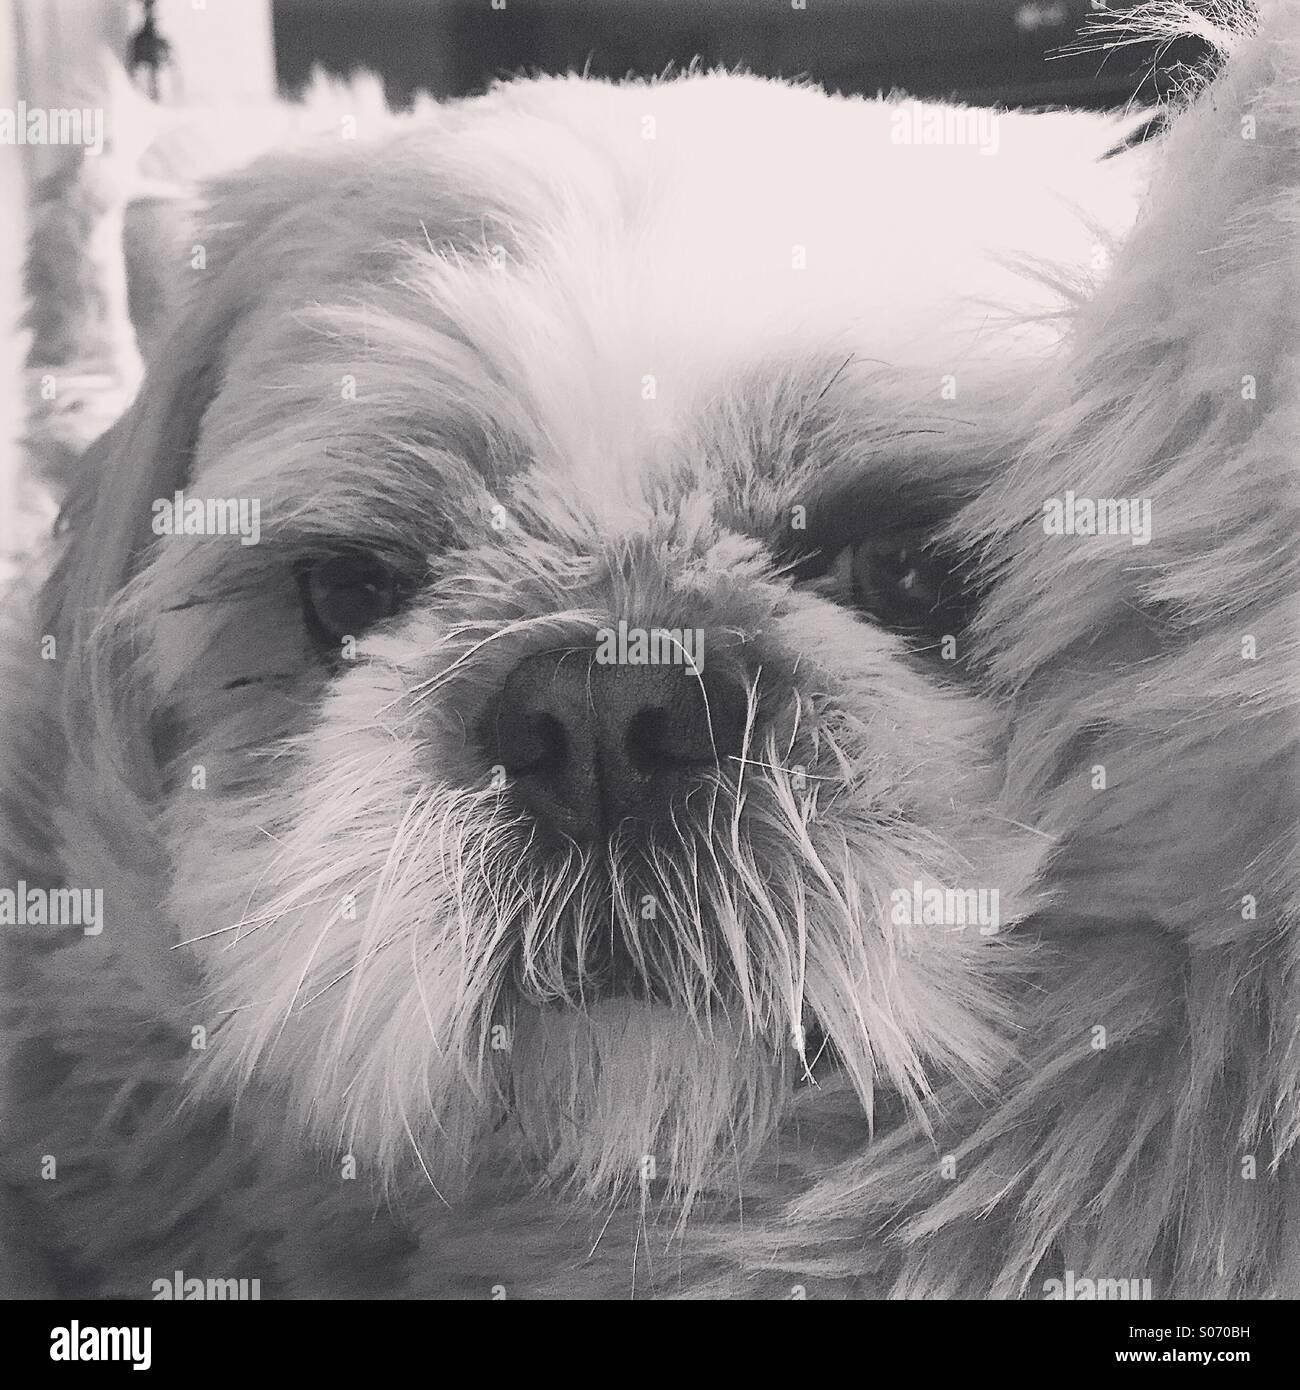 Fluffy dog - Stock Image